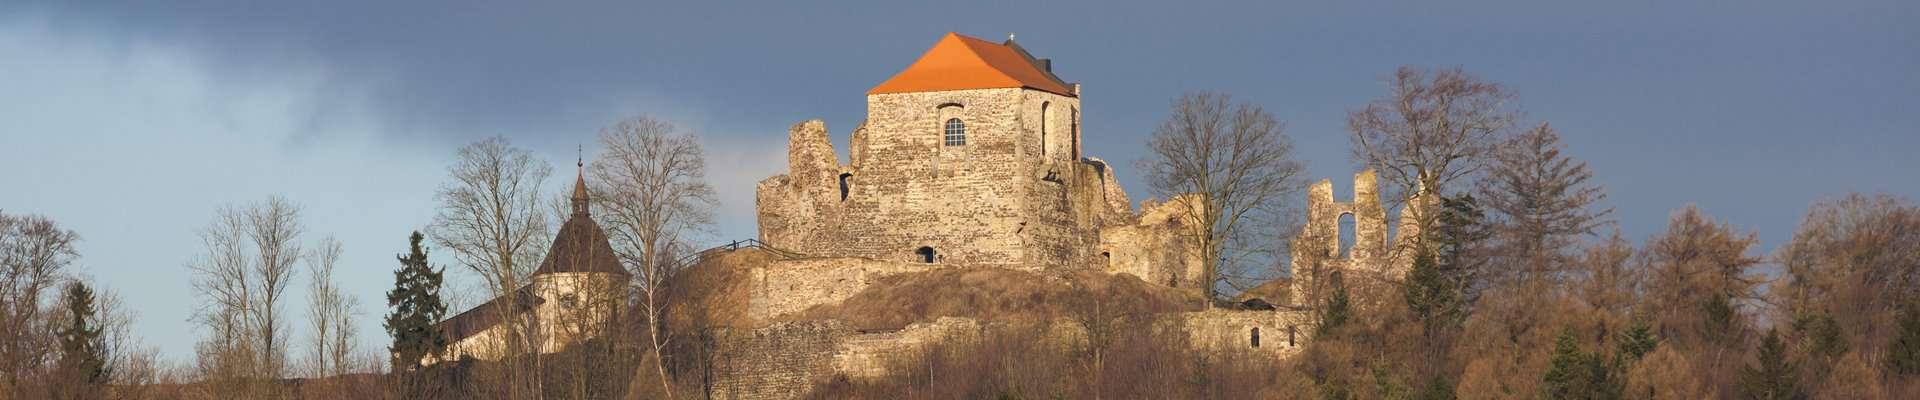 The ruins of Potstejn Castle in Eastern Bohemia, Czech Republic.